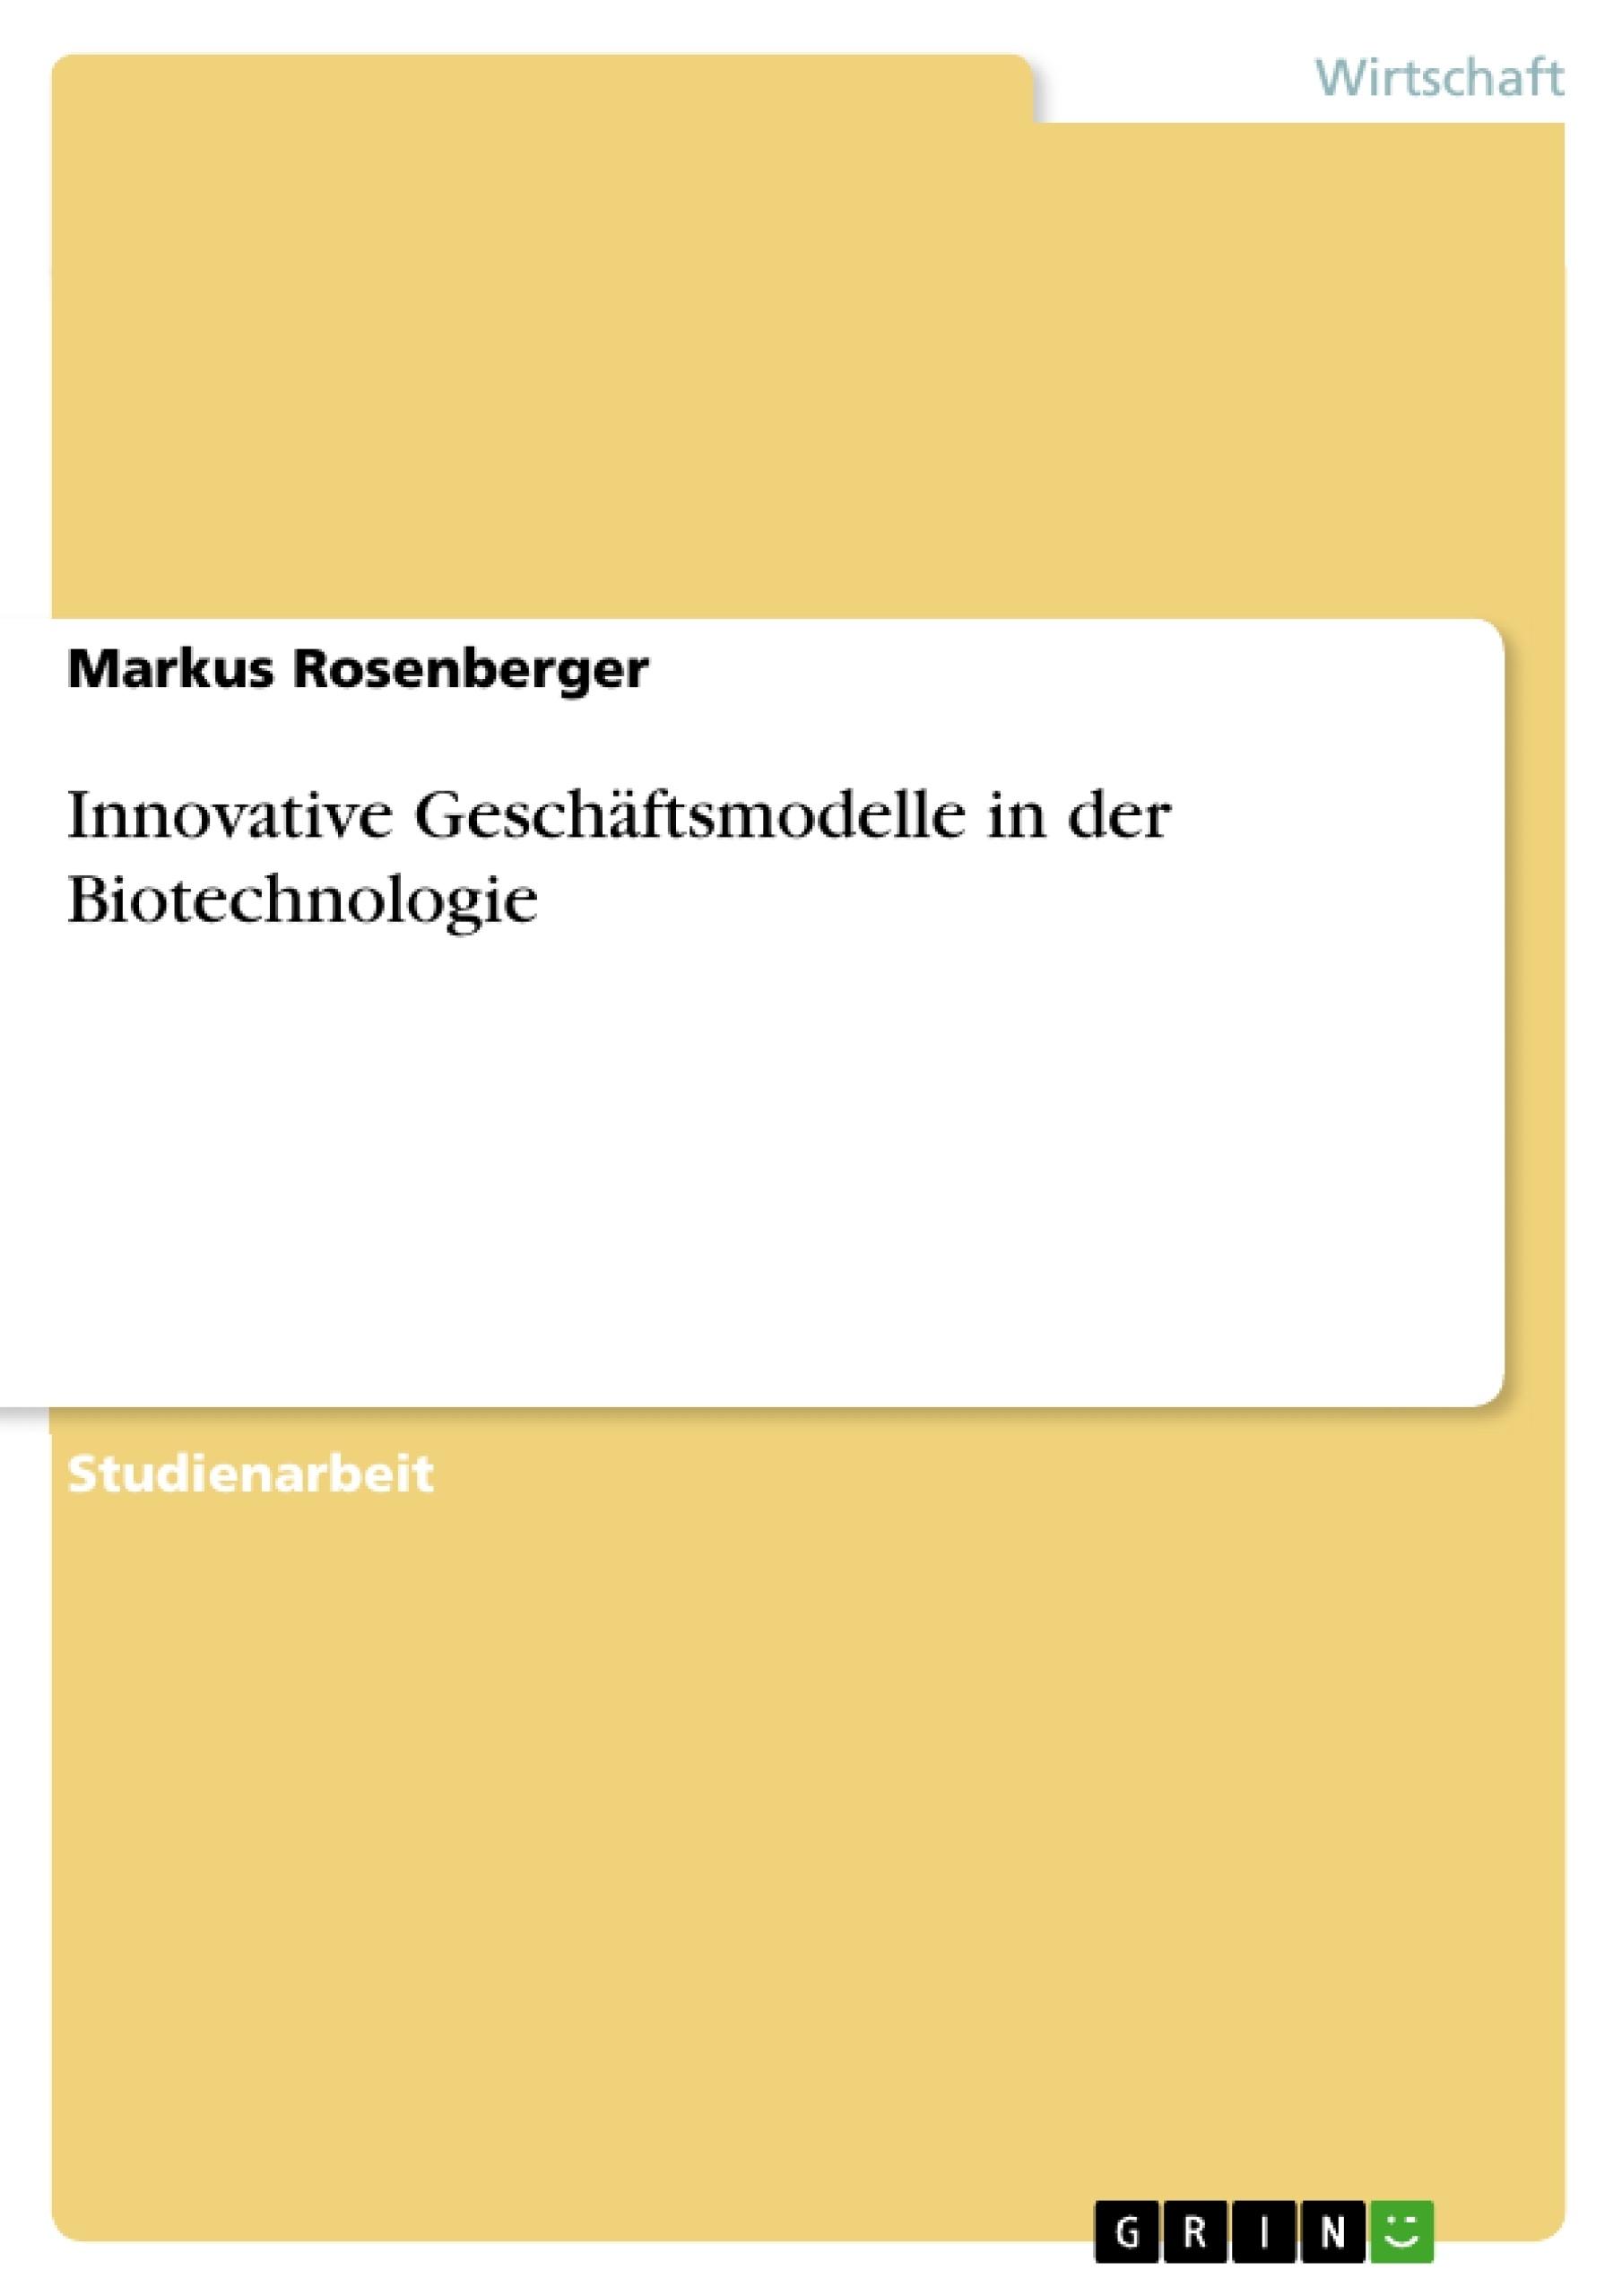 Titel: Innovative Geschäftsmodelle in der Biotechnologie